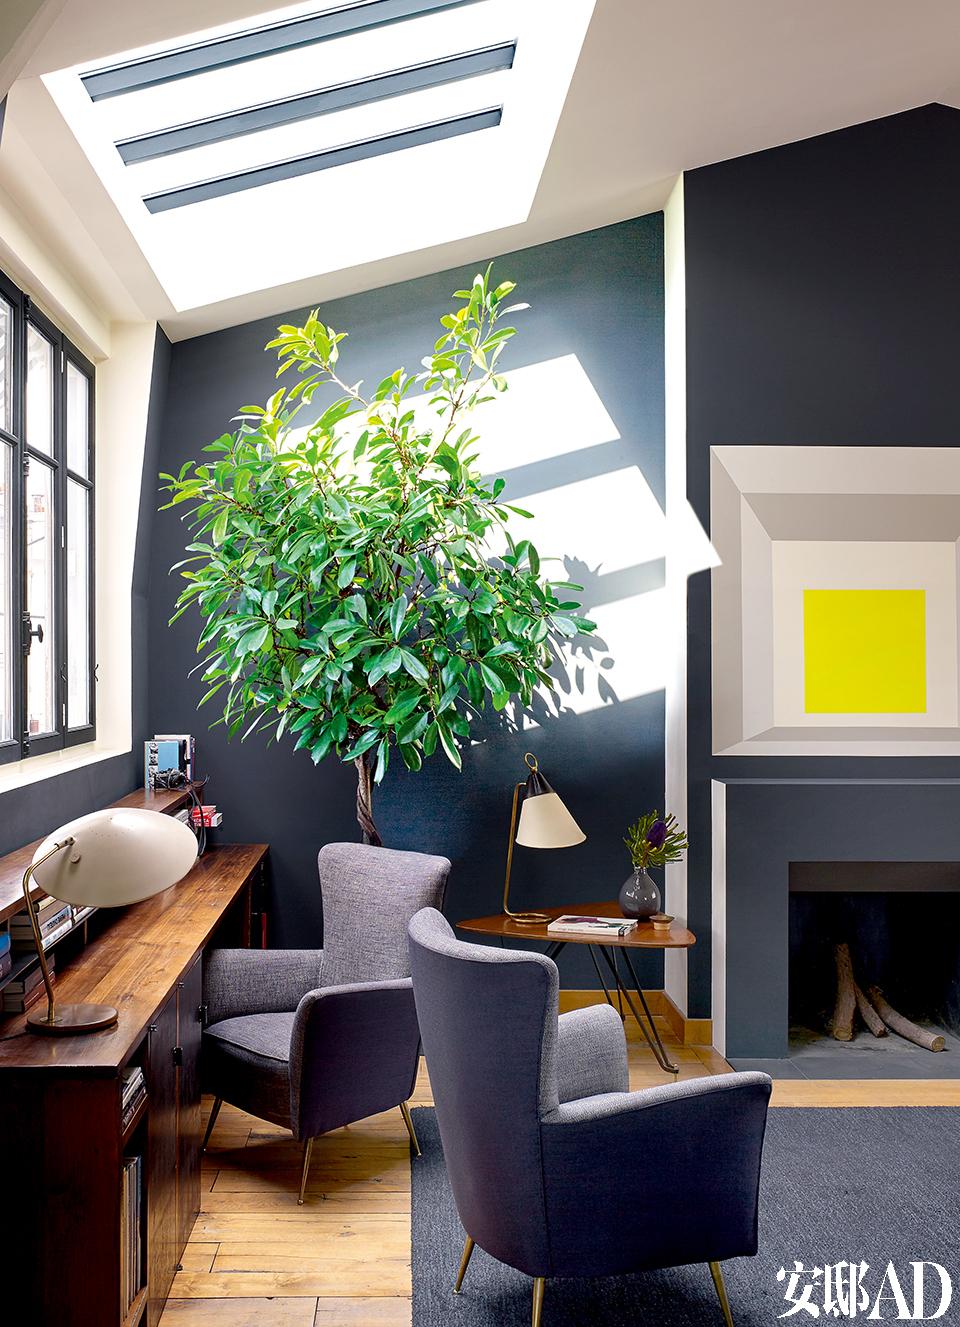 客厅旁窗下的书桌,光线明亮, 储物超强,占地又不多。公寓一角时常被用作工作空间。Florence Lopez设计的 Bureau 小书桌靠窗落地摆放,设计灵感来源于20世纪30年代的风格。书桌上的台灯来自Gerald Thurston,扶手沙发来自Gigi Radice。